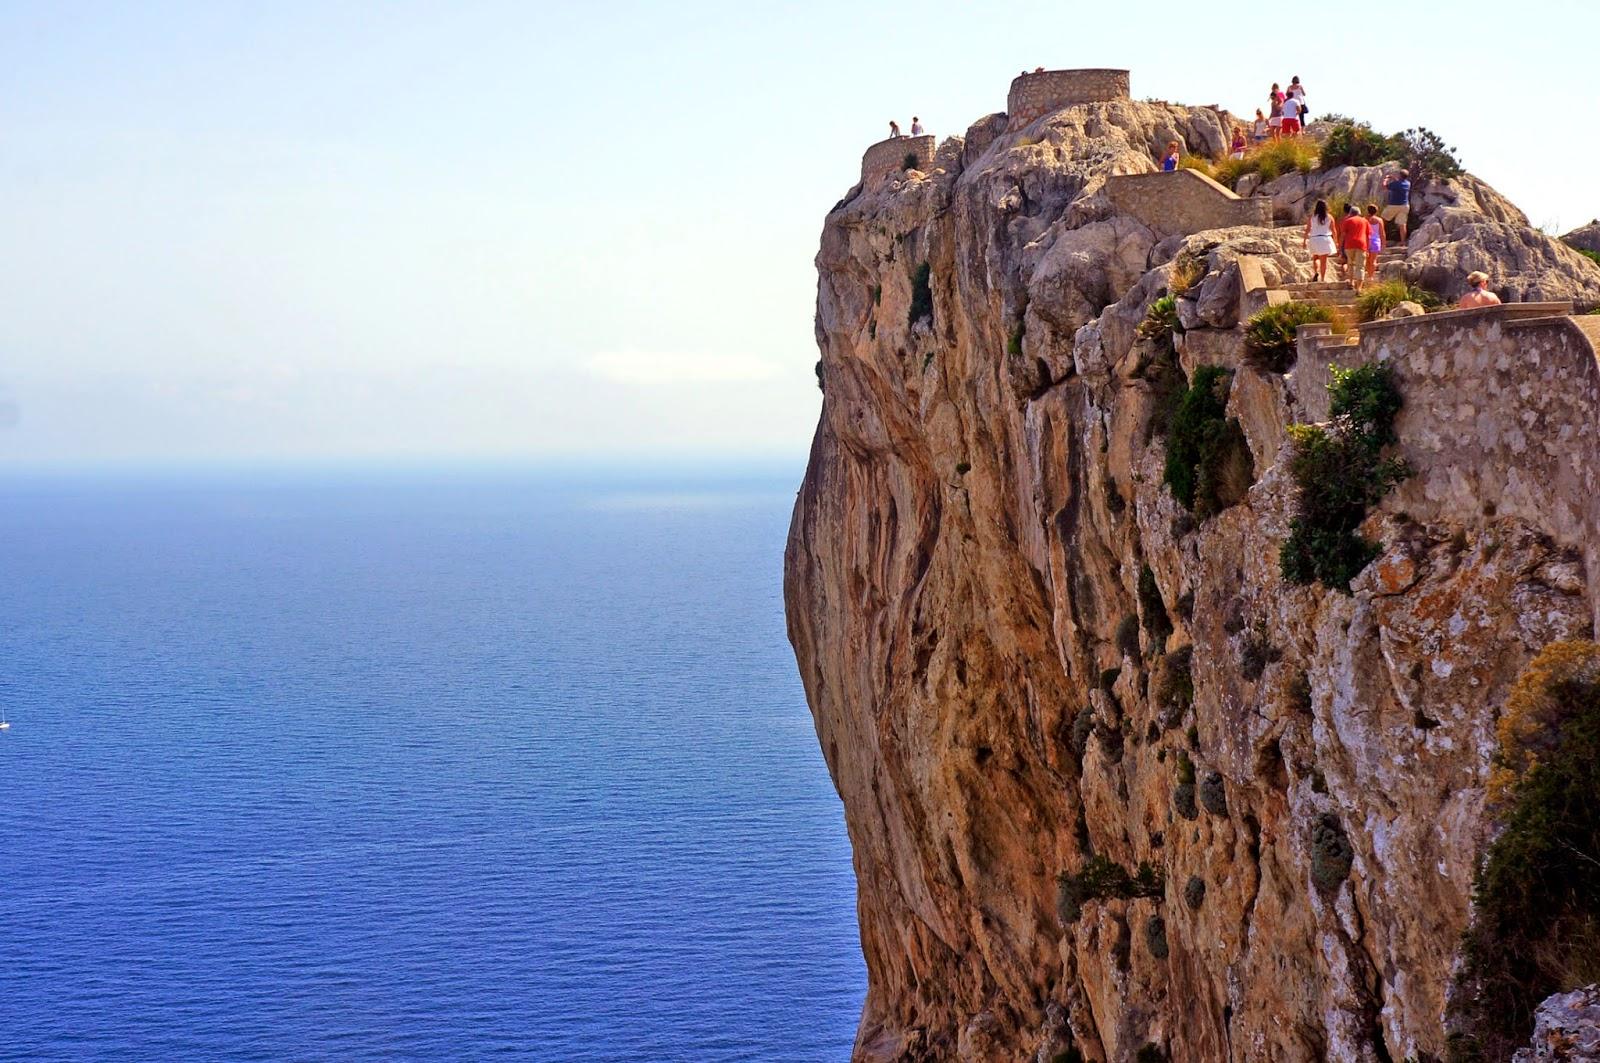 Mirador en la carretera hacia el cabo de Formentor